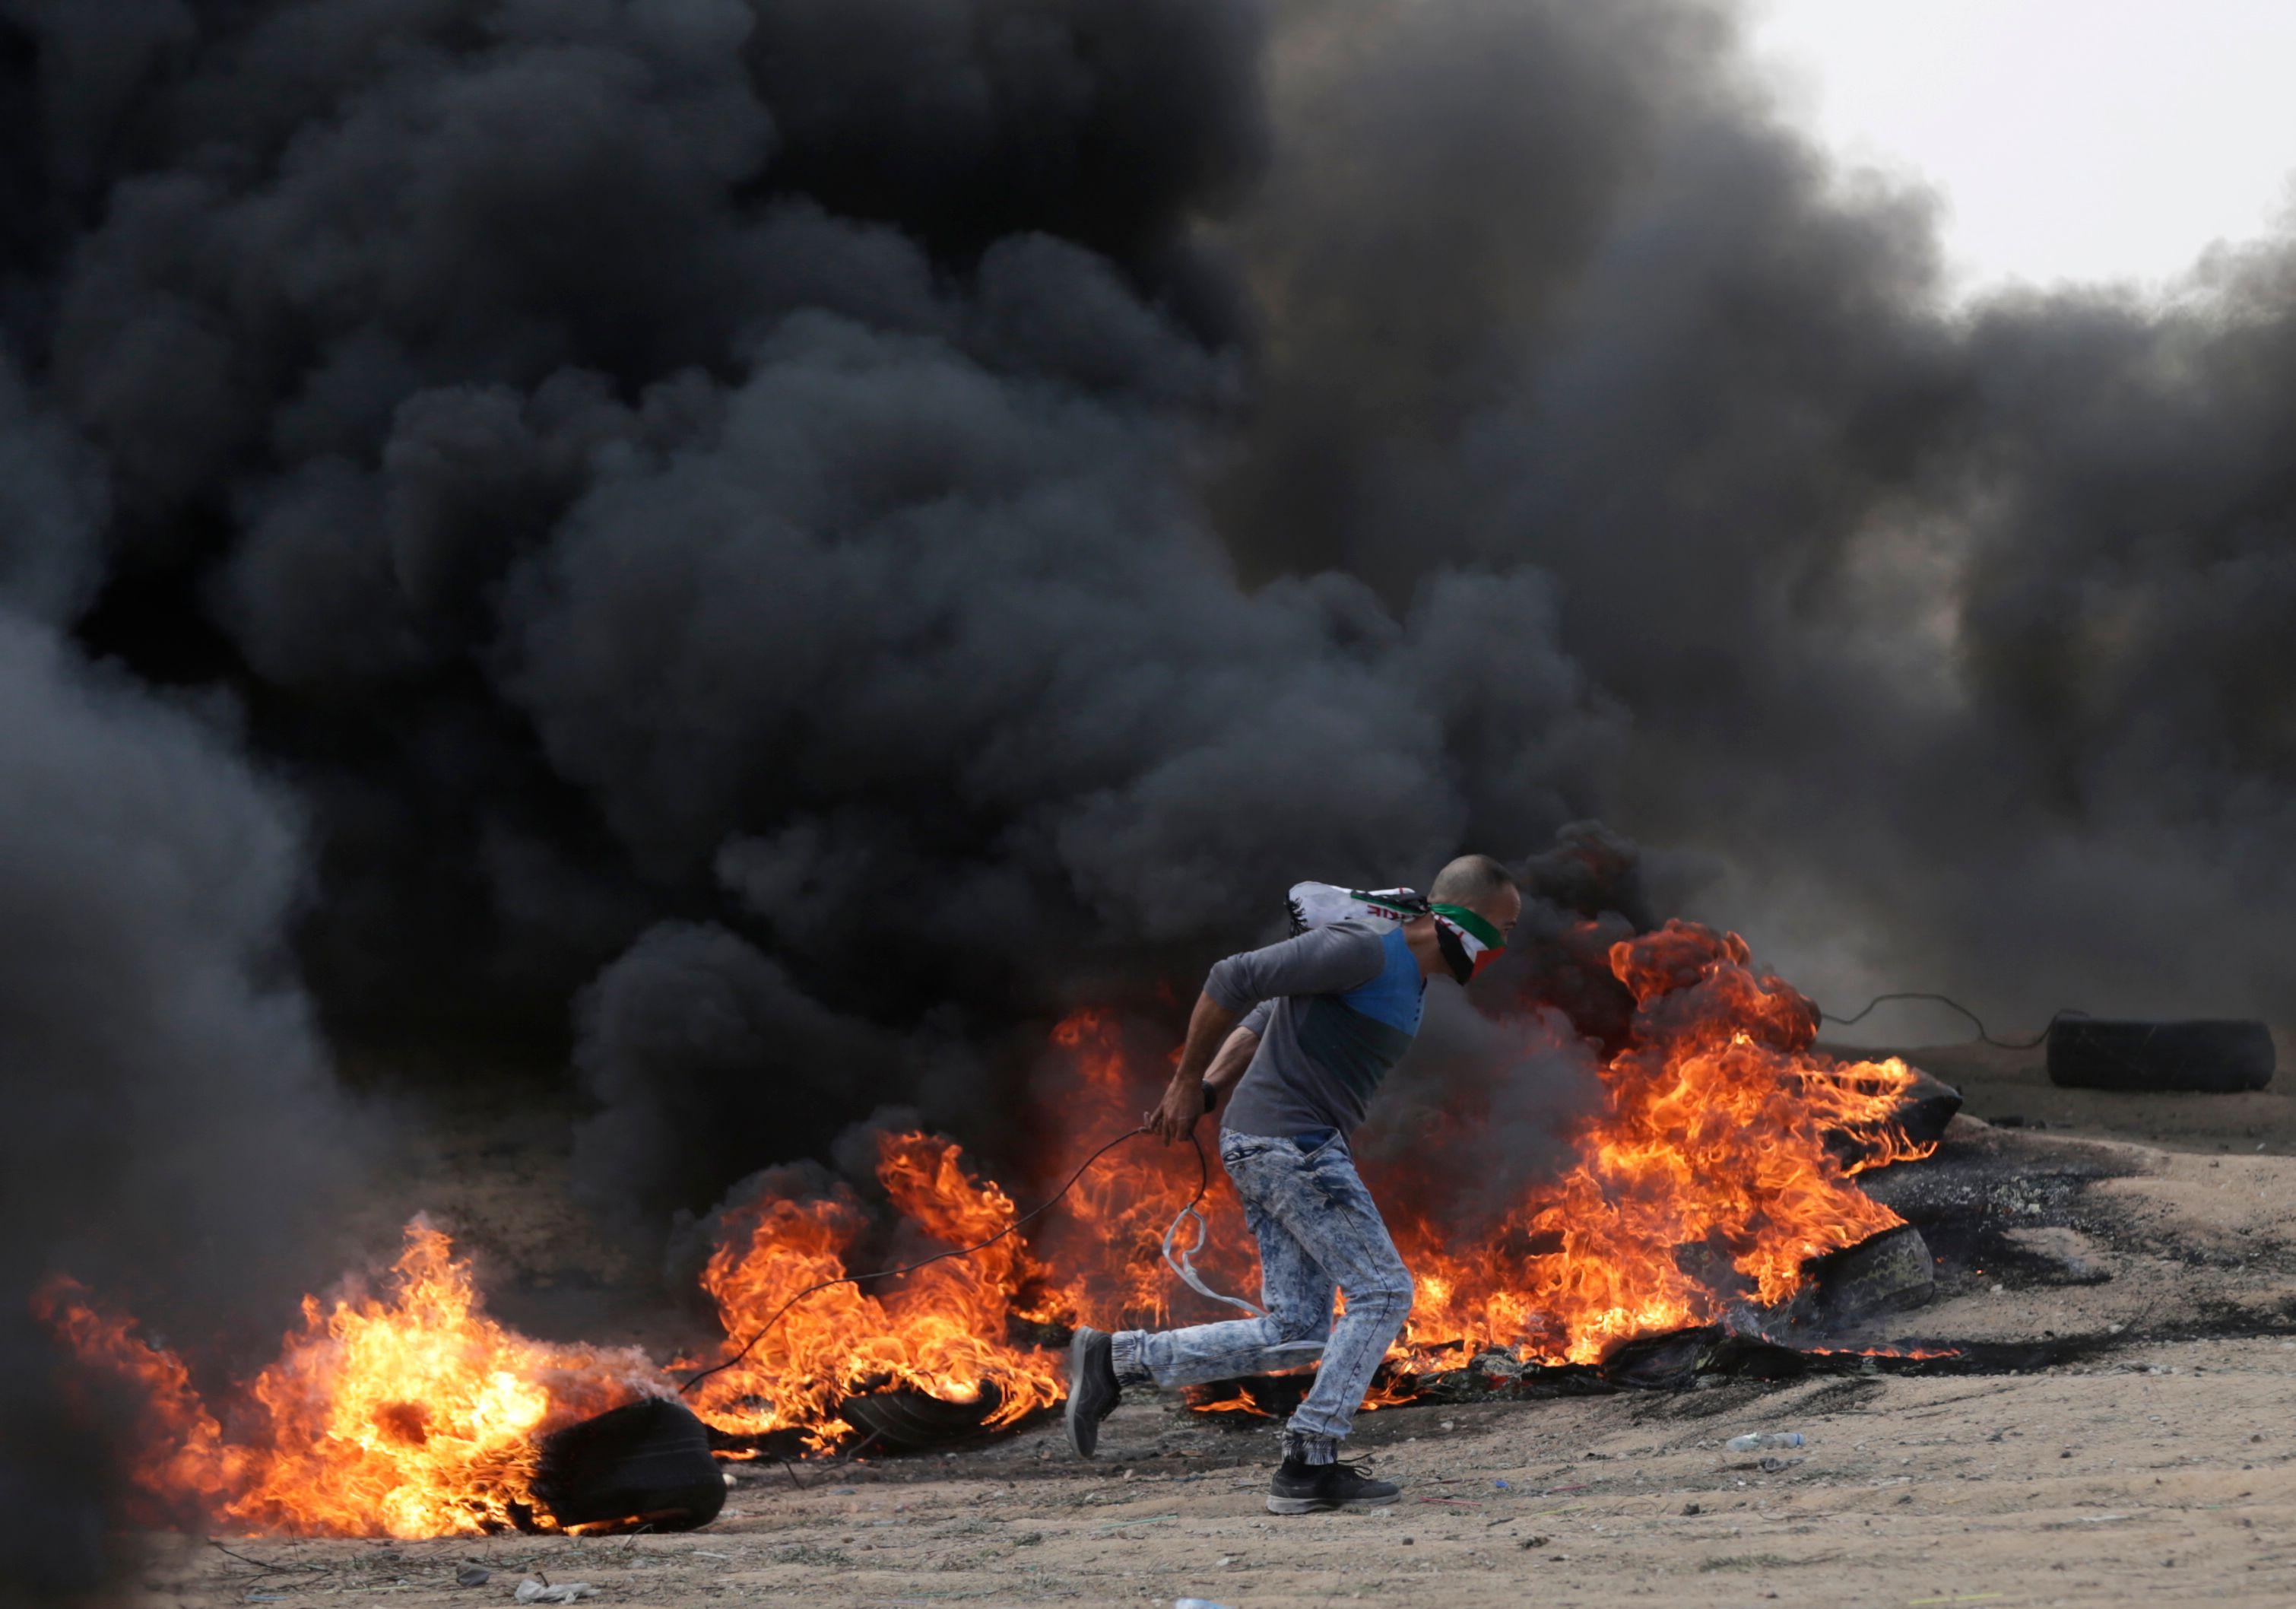 دخان كثيف فى سماء قطاع غزة خلال مظاهرات الفلسطينيين